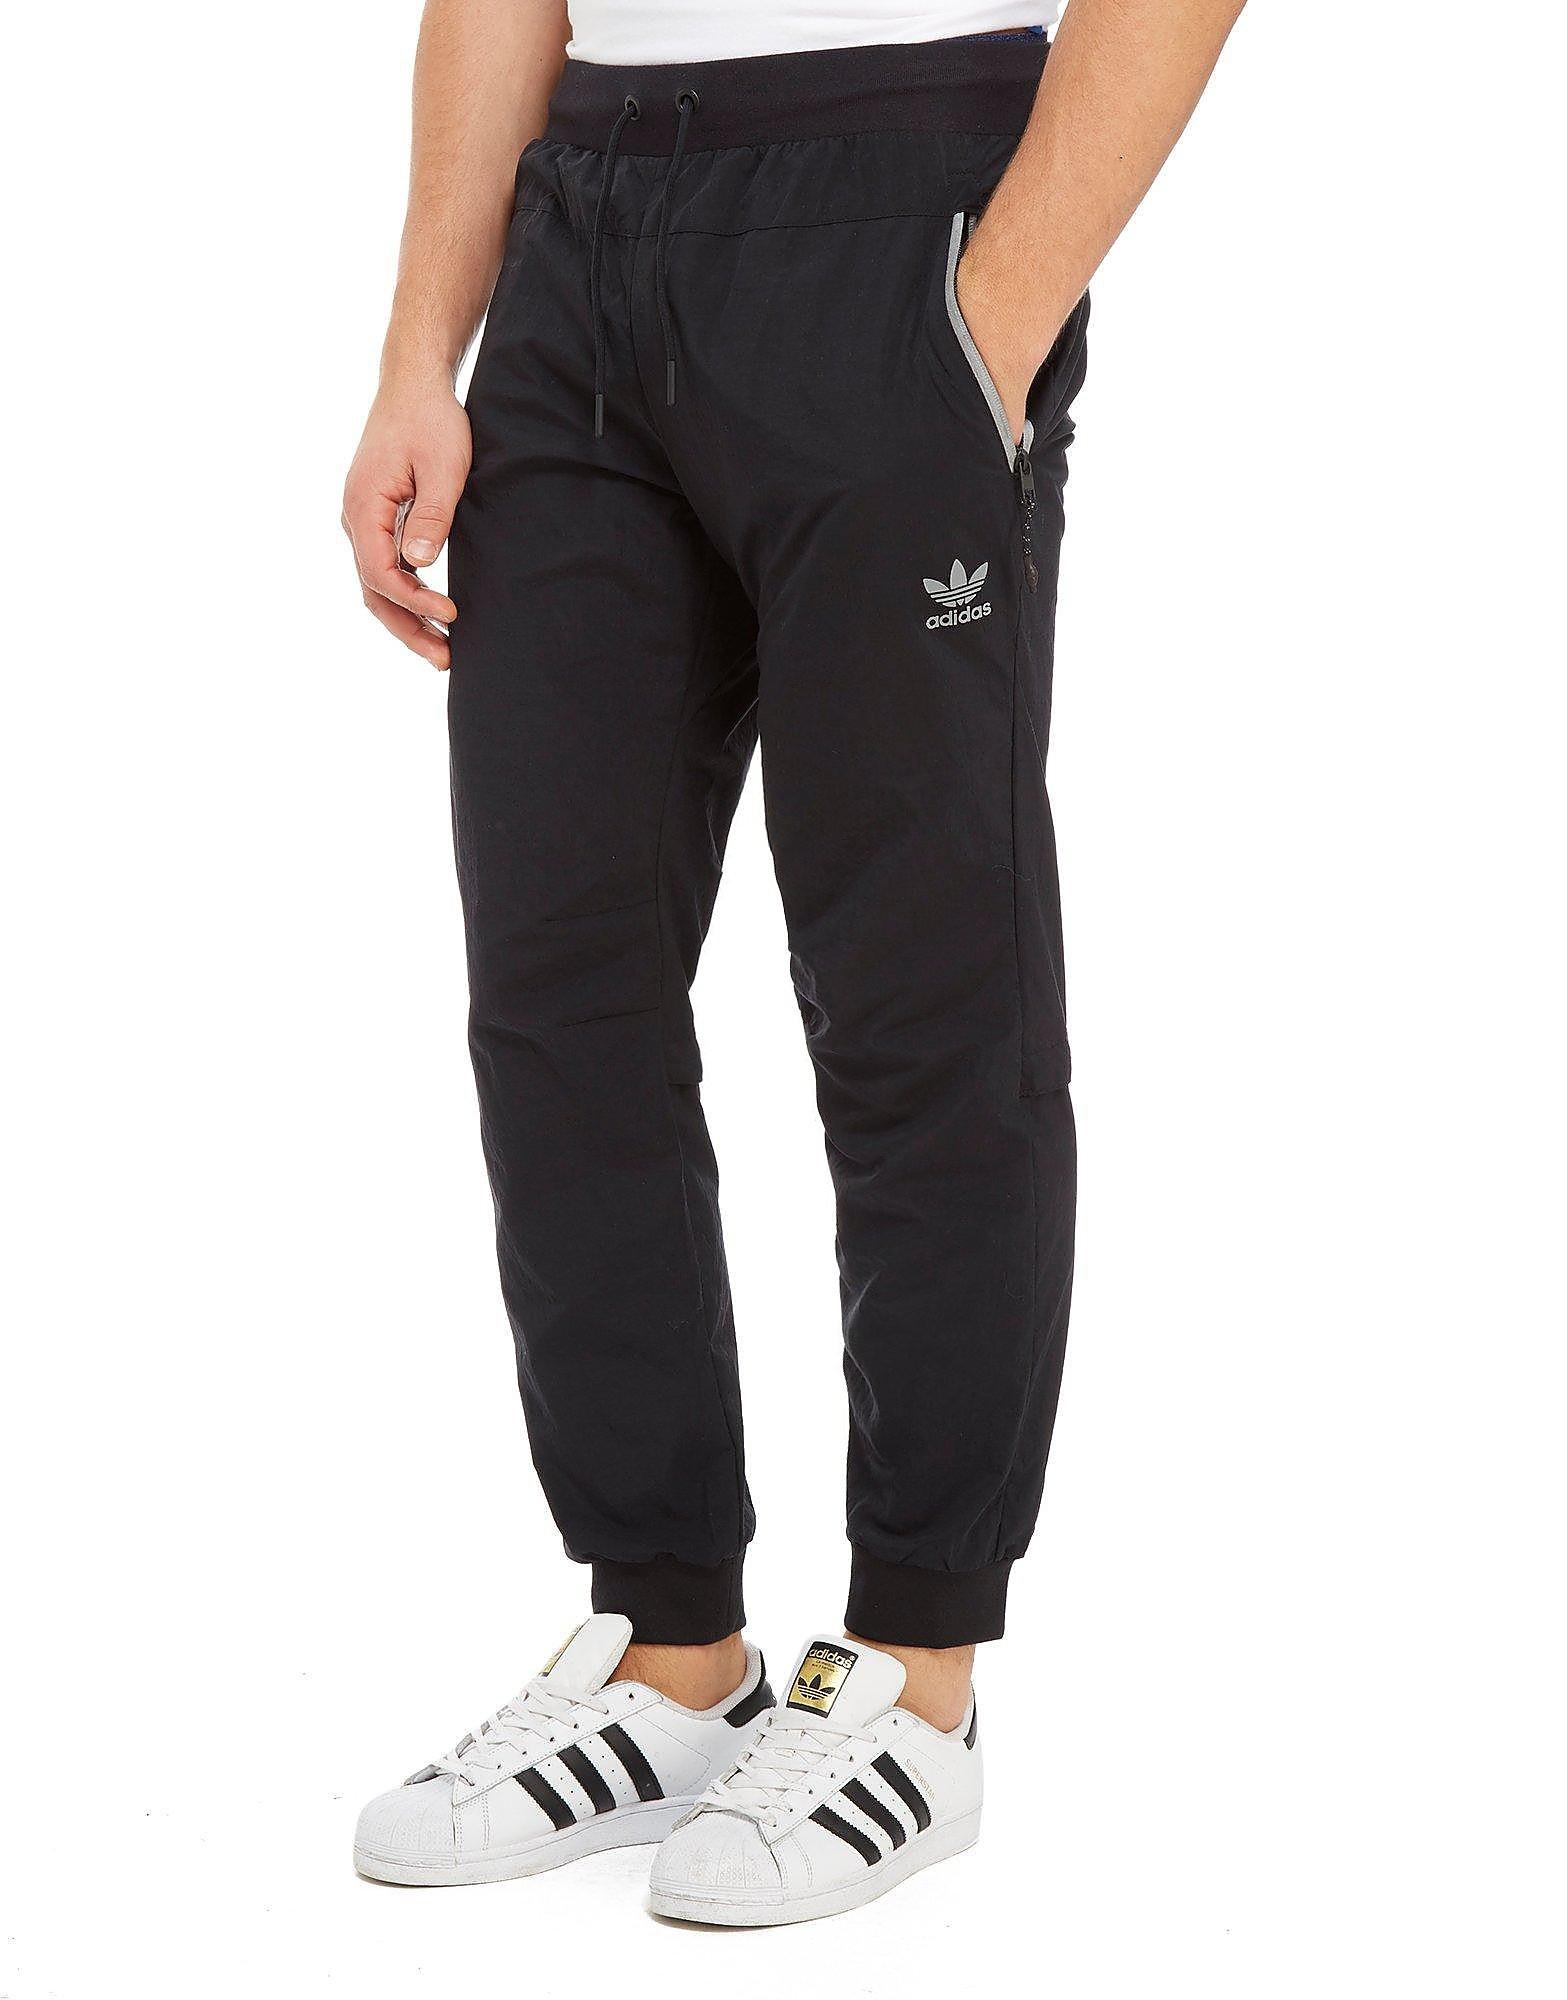 adidas Originals Sportlux Woven Pants Heren - Zwart - Heren